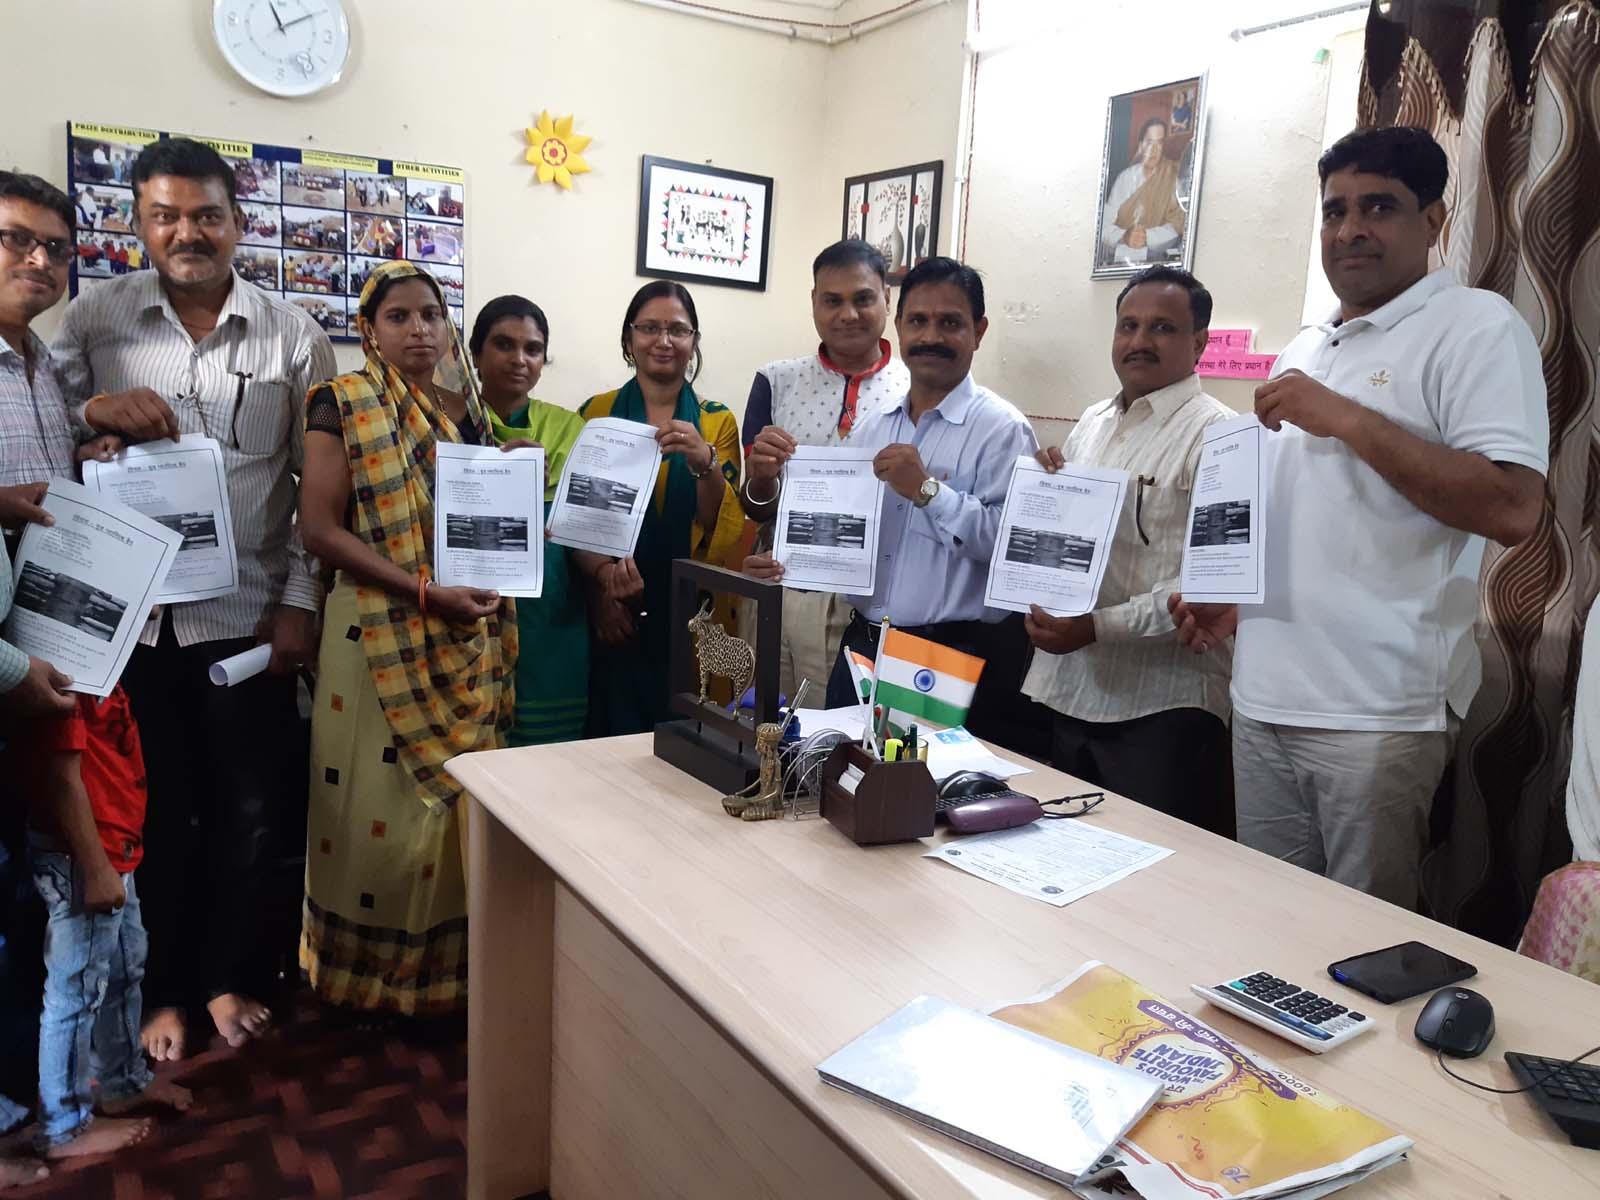 Jhabua News- सिंगल यूज प्लास्टिक बेन एवं पर्यावरण को बढ़ावा हेतु विद्यार्थी एवं उनके अभिभावकों को किया प्रेरित